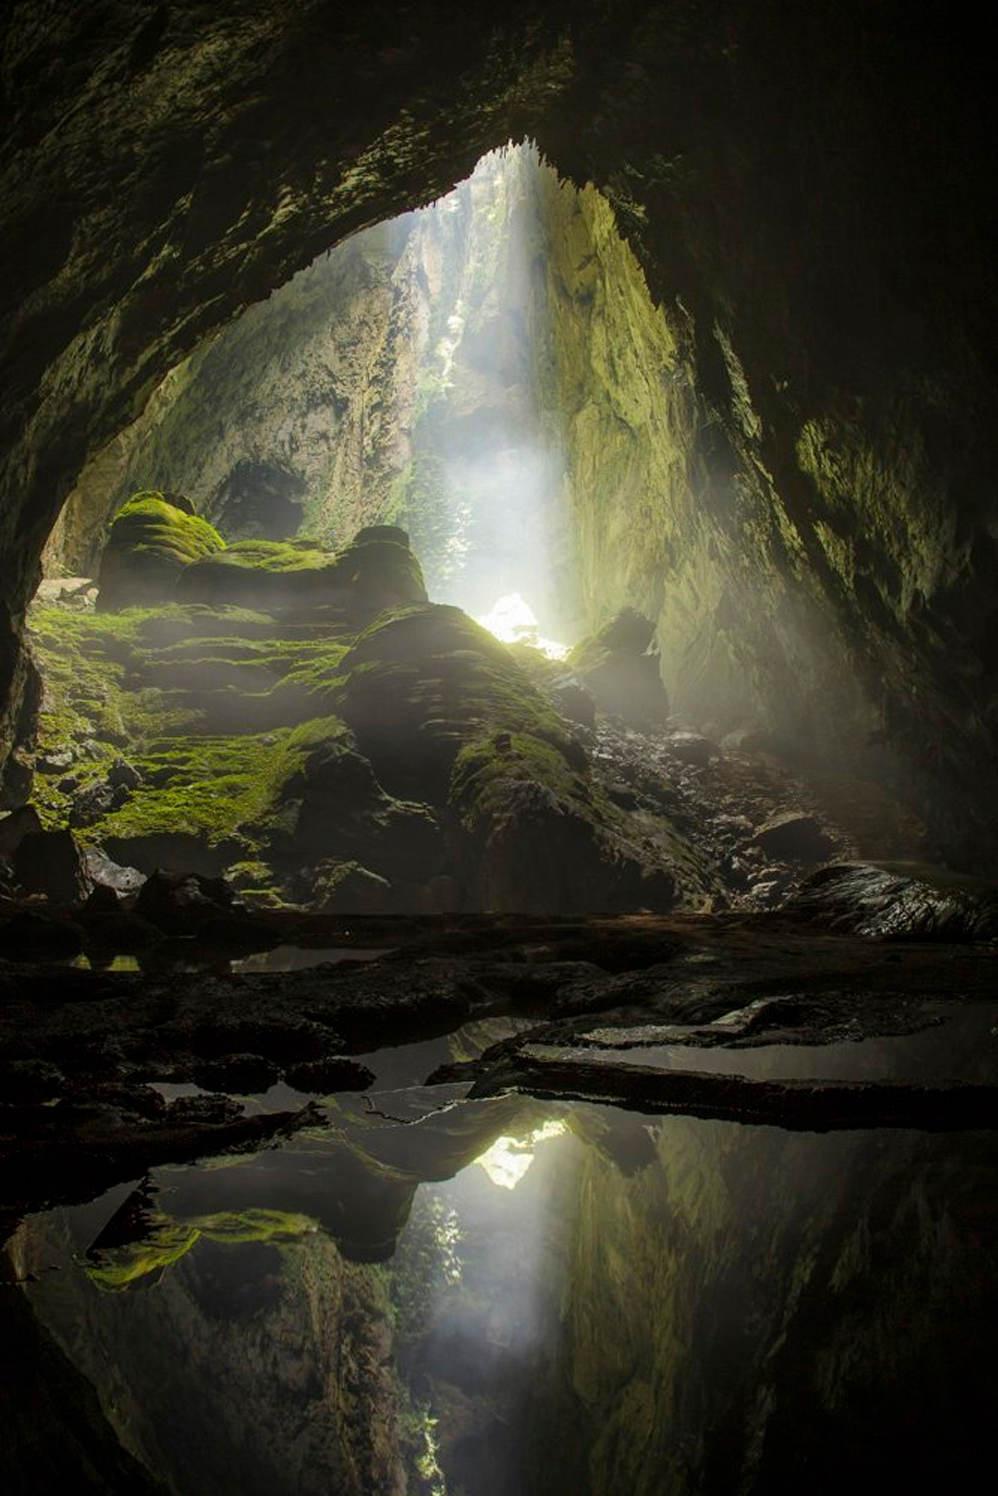 Hố sụt với ánh sáng mặt trời rọi xuống tạo khung cảnh thần tiên, như chỉ có trong phim ảnh